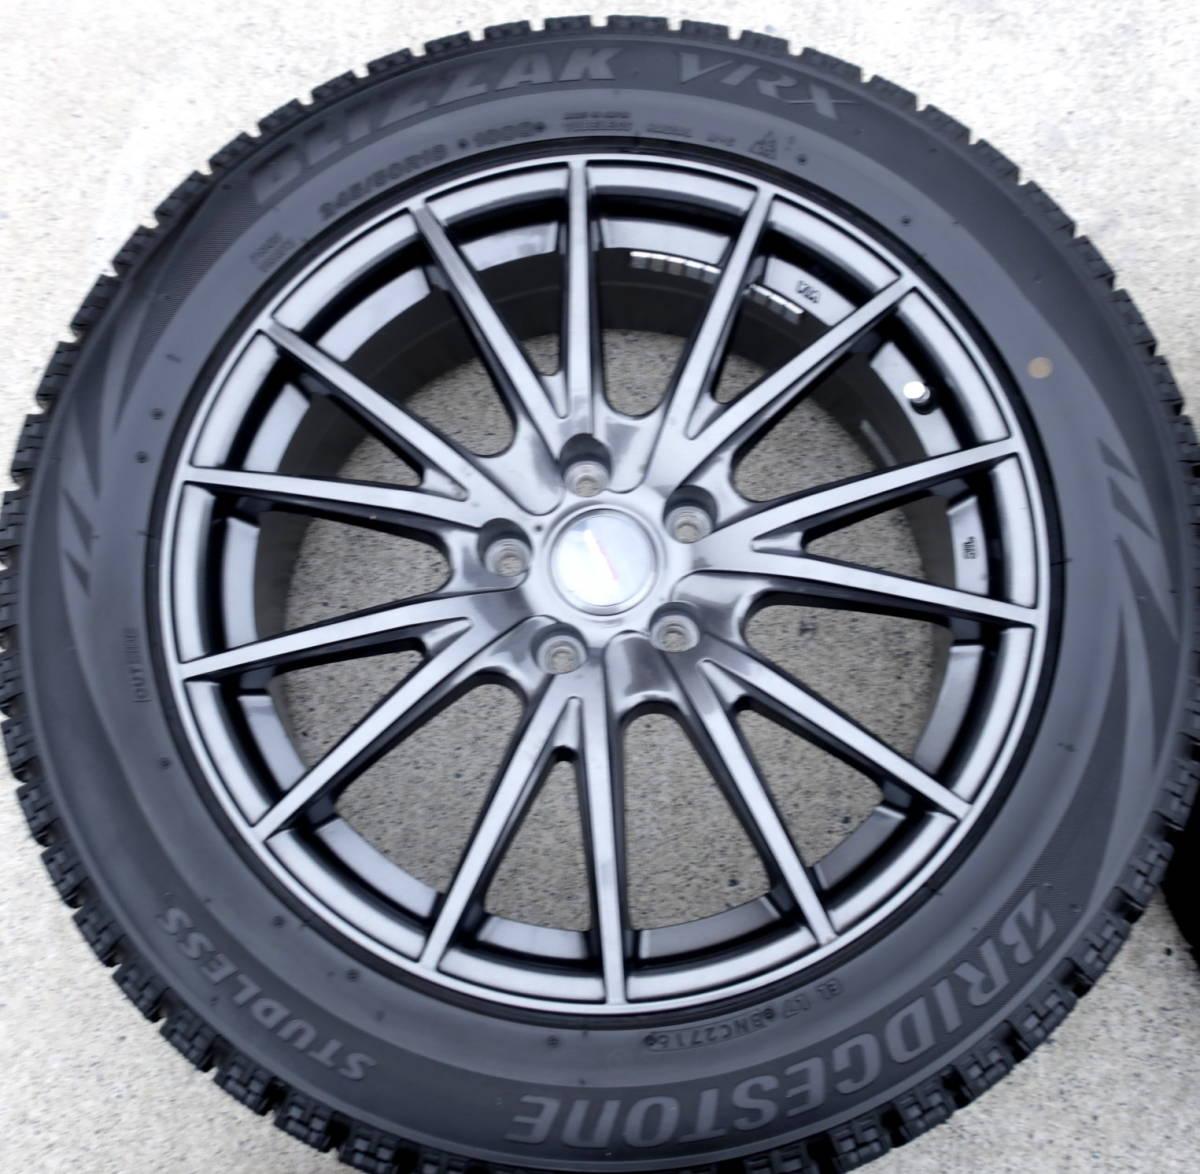 VELVA 軽量ホイル+BLIZZAK VRX 245/50R18 スタッドレス タイヤ 4本 アルファード ヴェルファイア エルグランド フーガ ハリアー CR-V CH-R_画像4